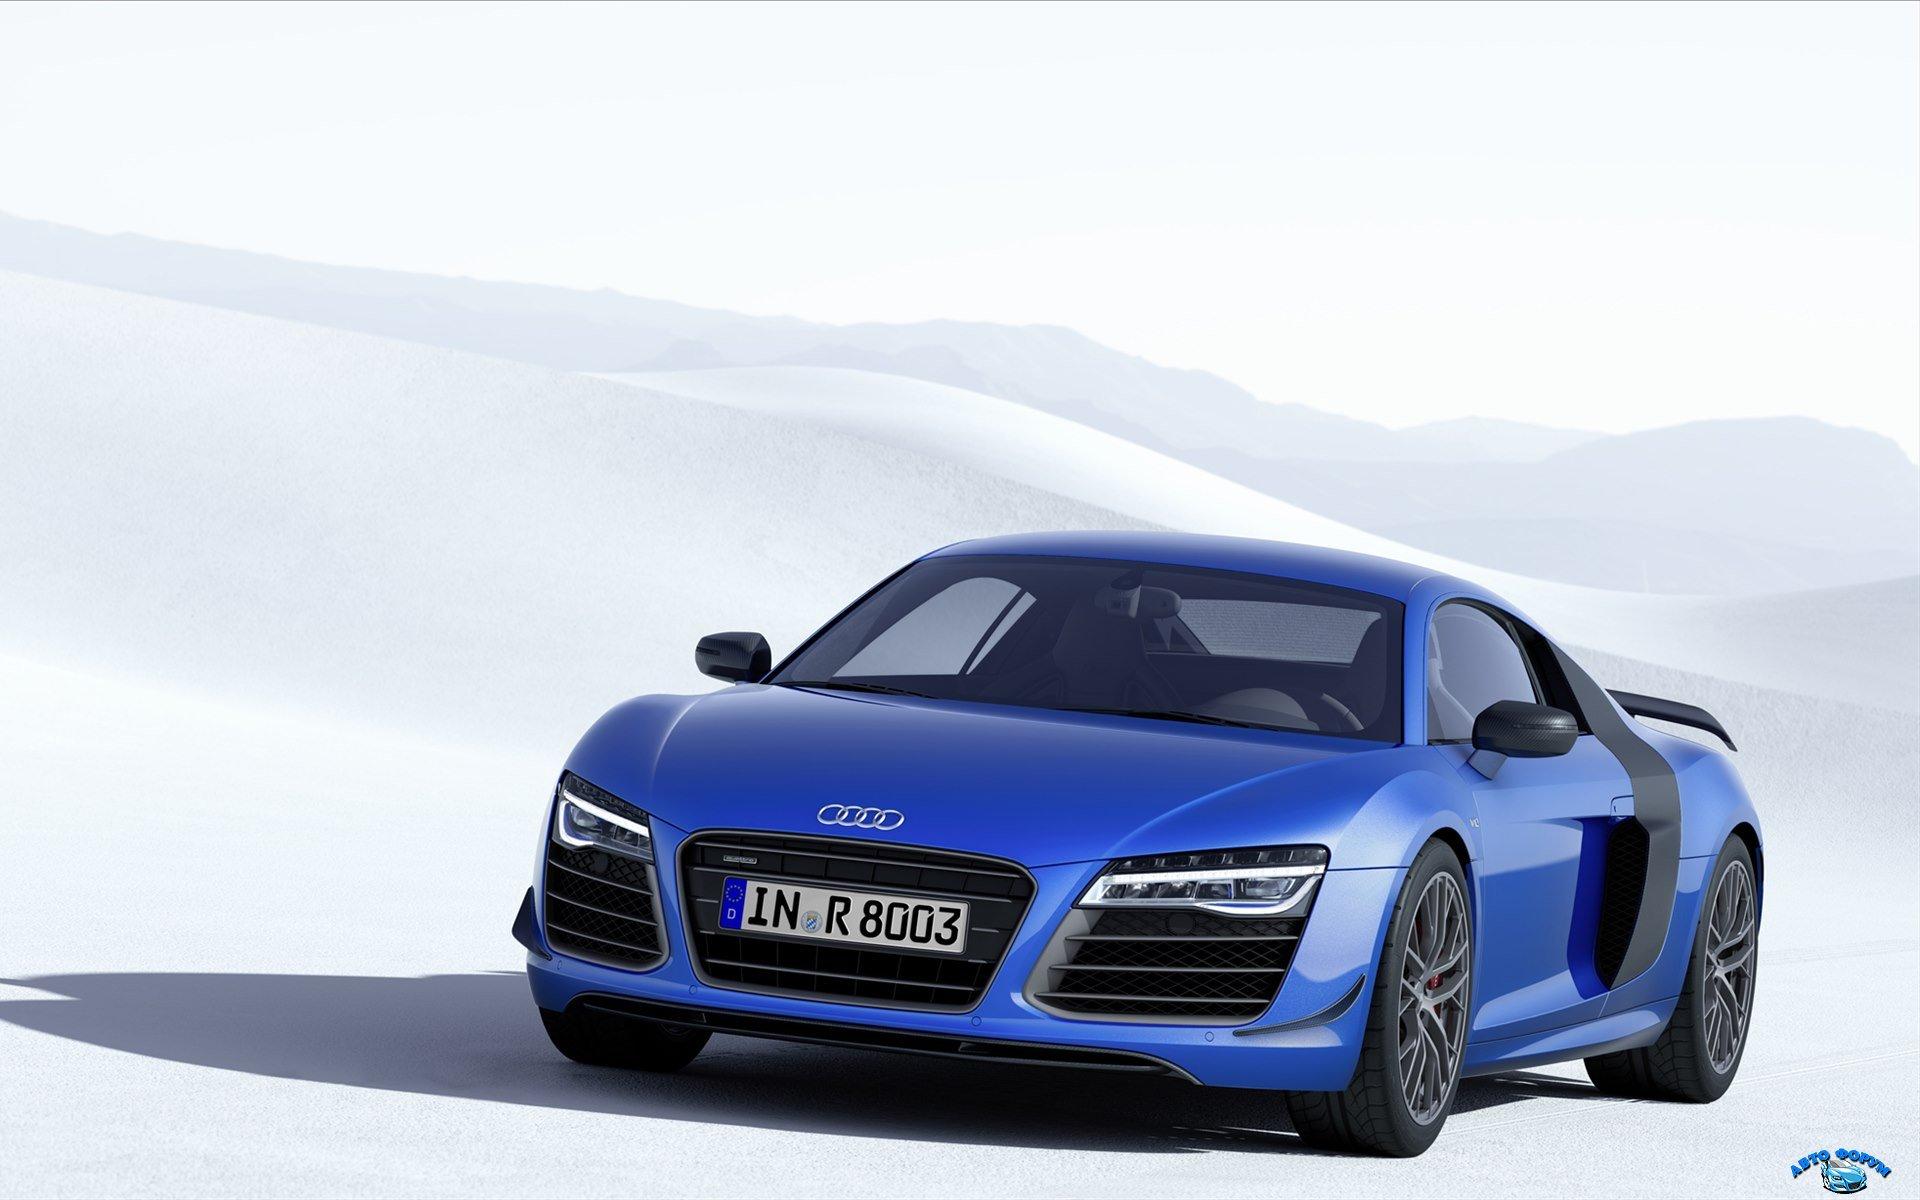 Audi-R8-LMX-2015-widescreen-01.jpg